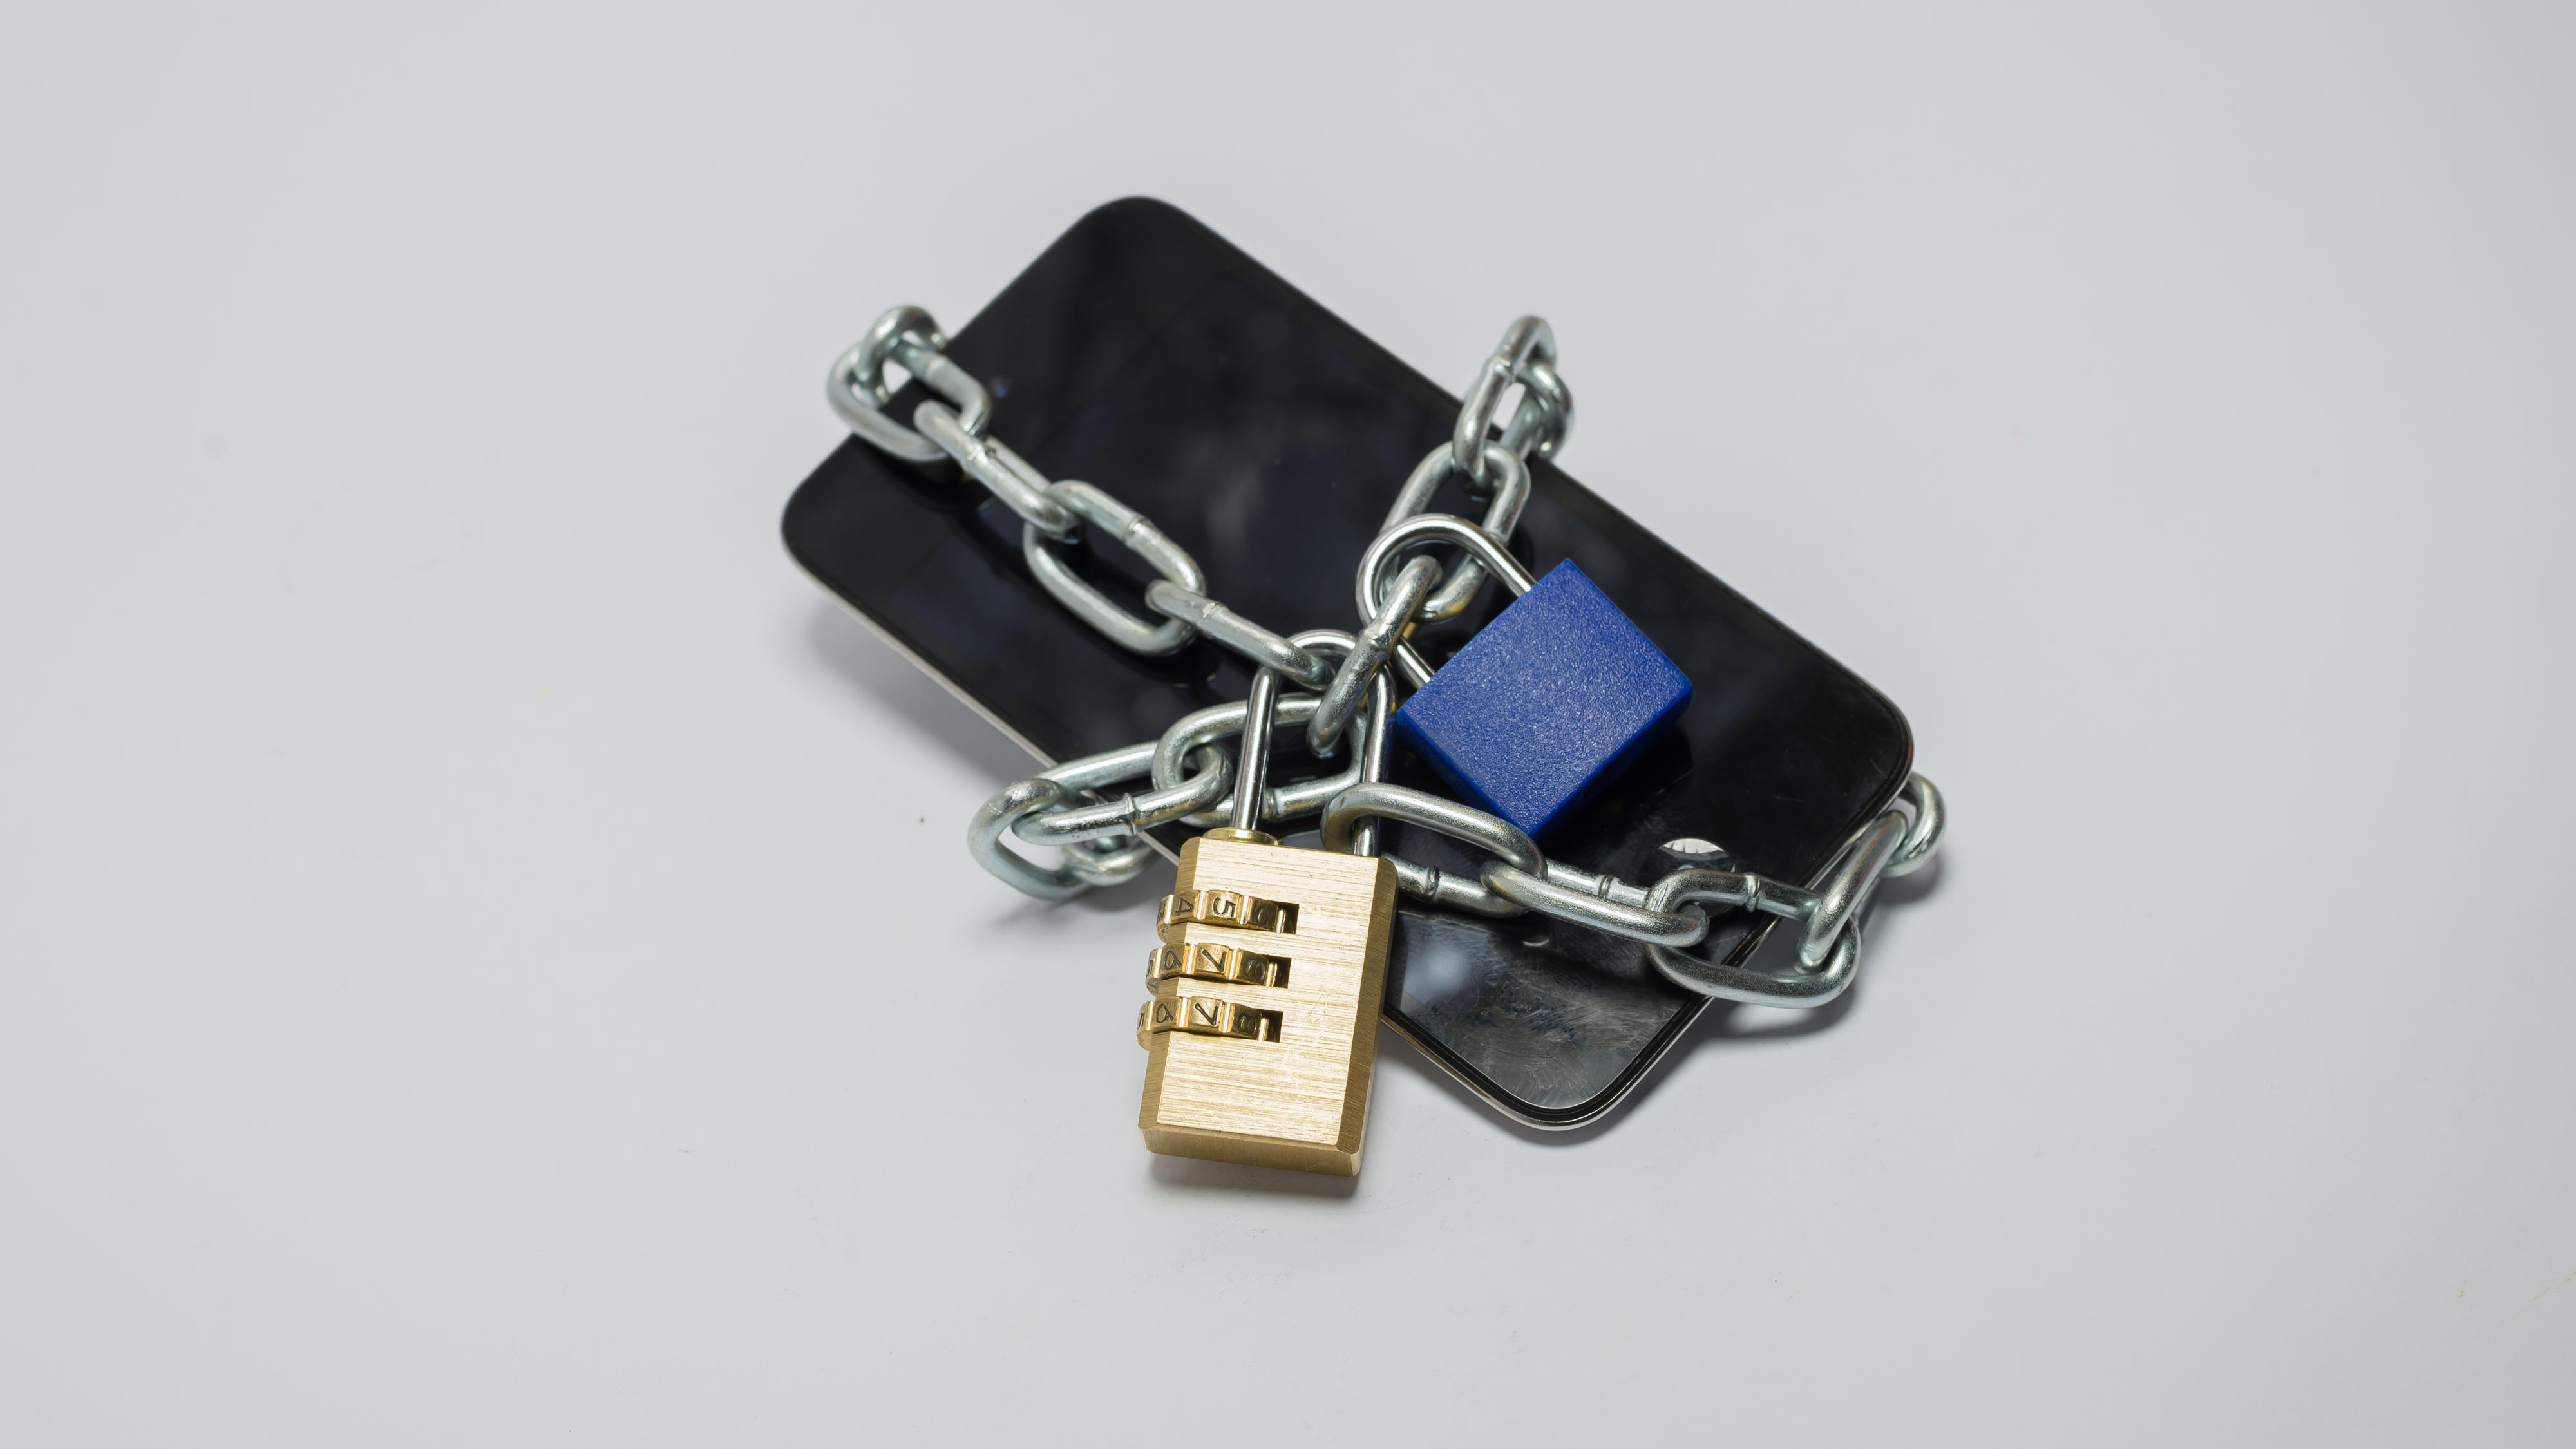 Nytt virus låser Android-telefoner og krever løsepenger